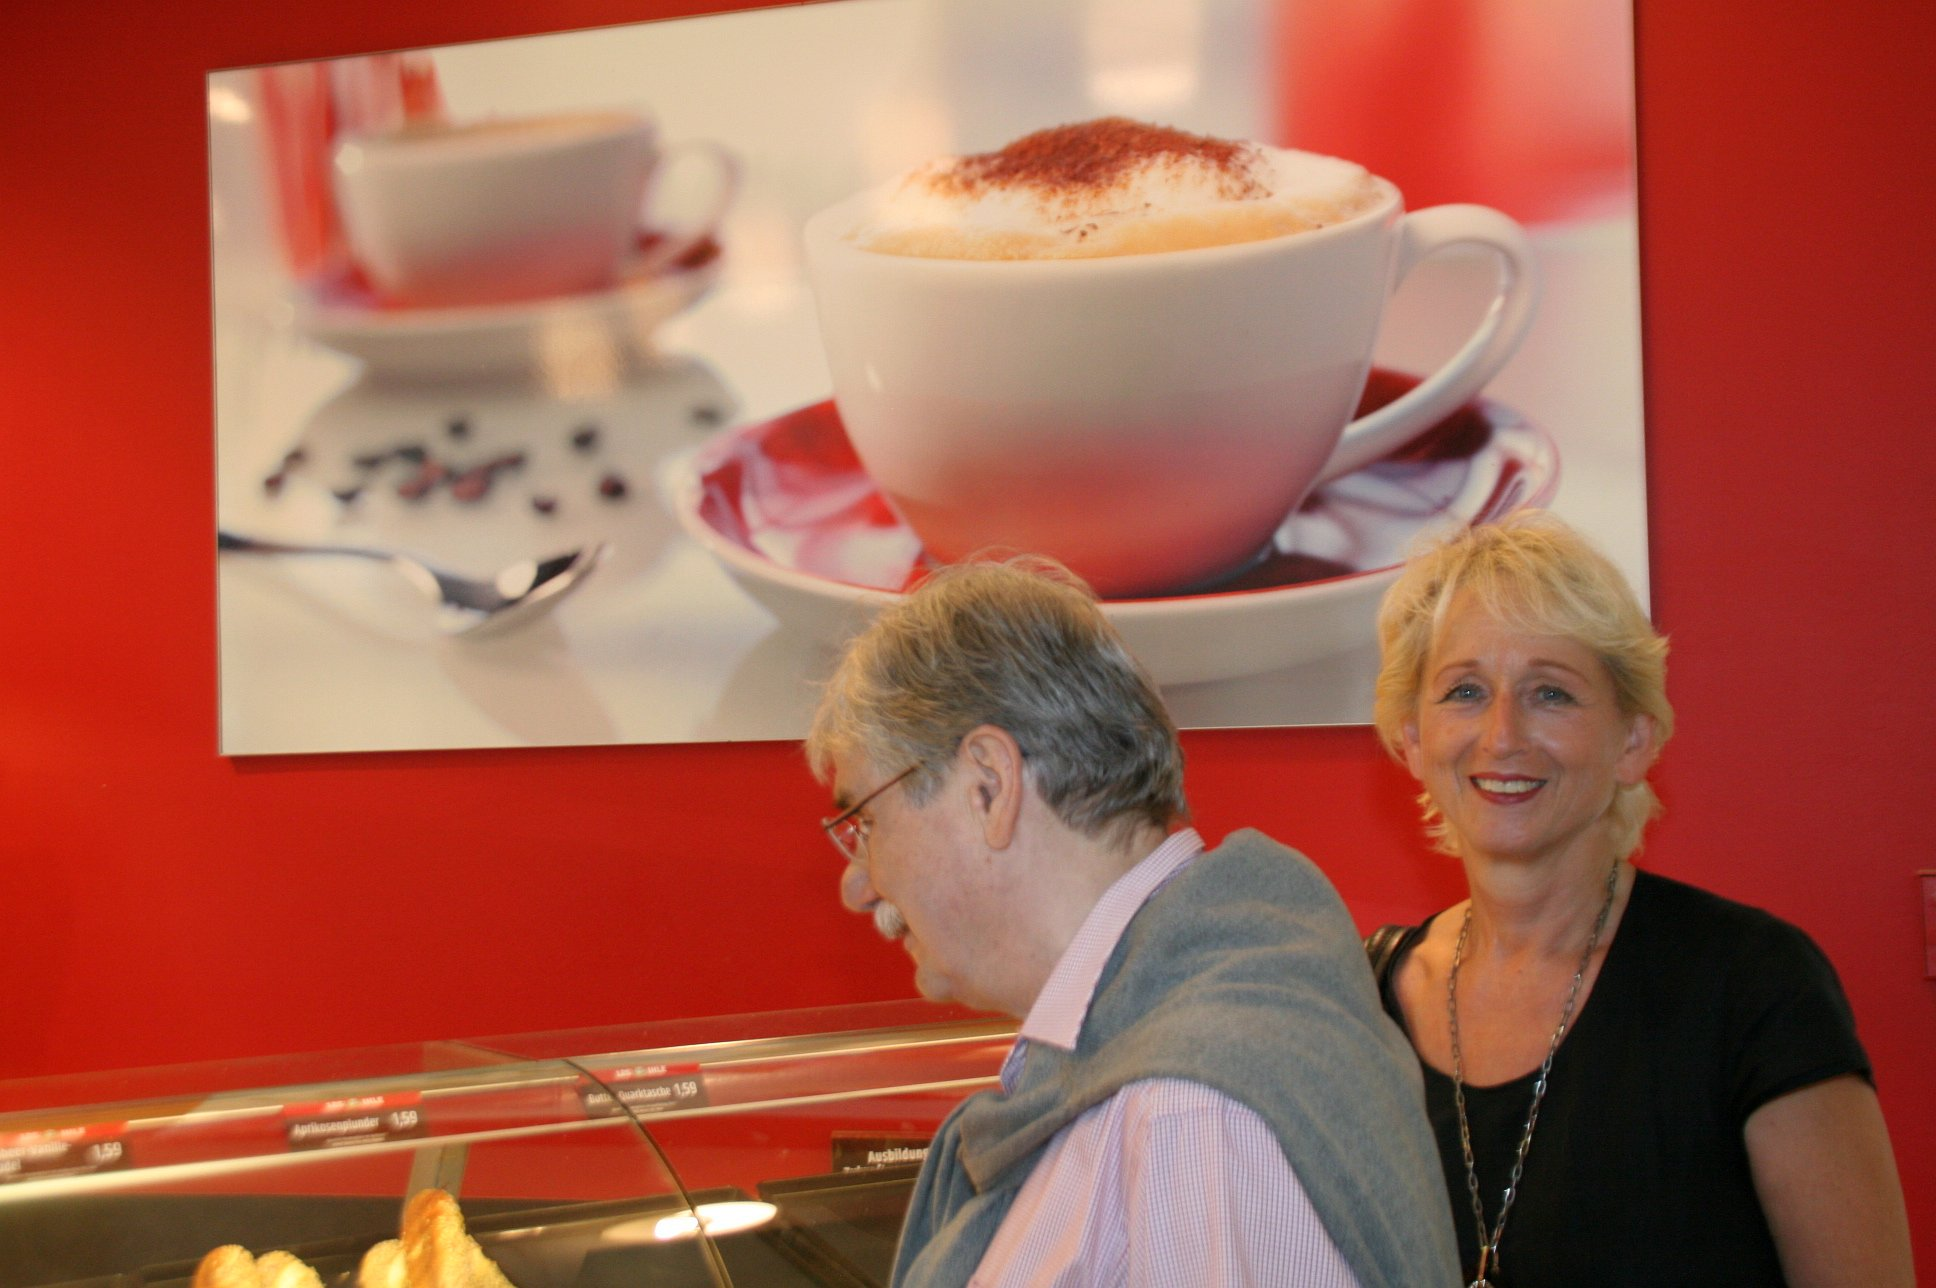 seniorenbetreuung-muenchen-lebensfreude-66-plus-latte-macchiato